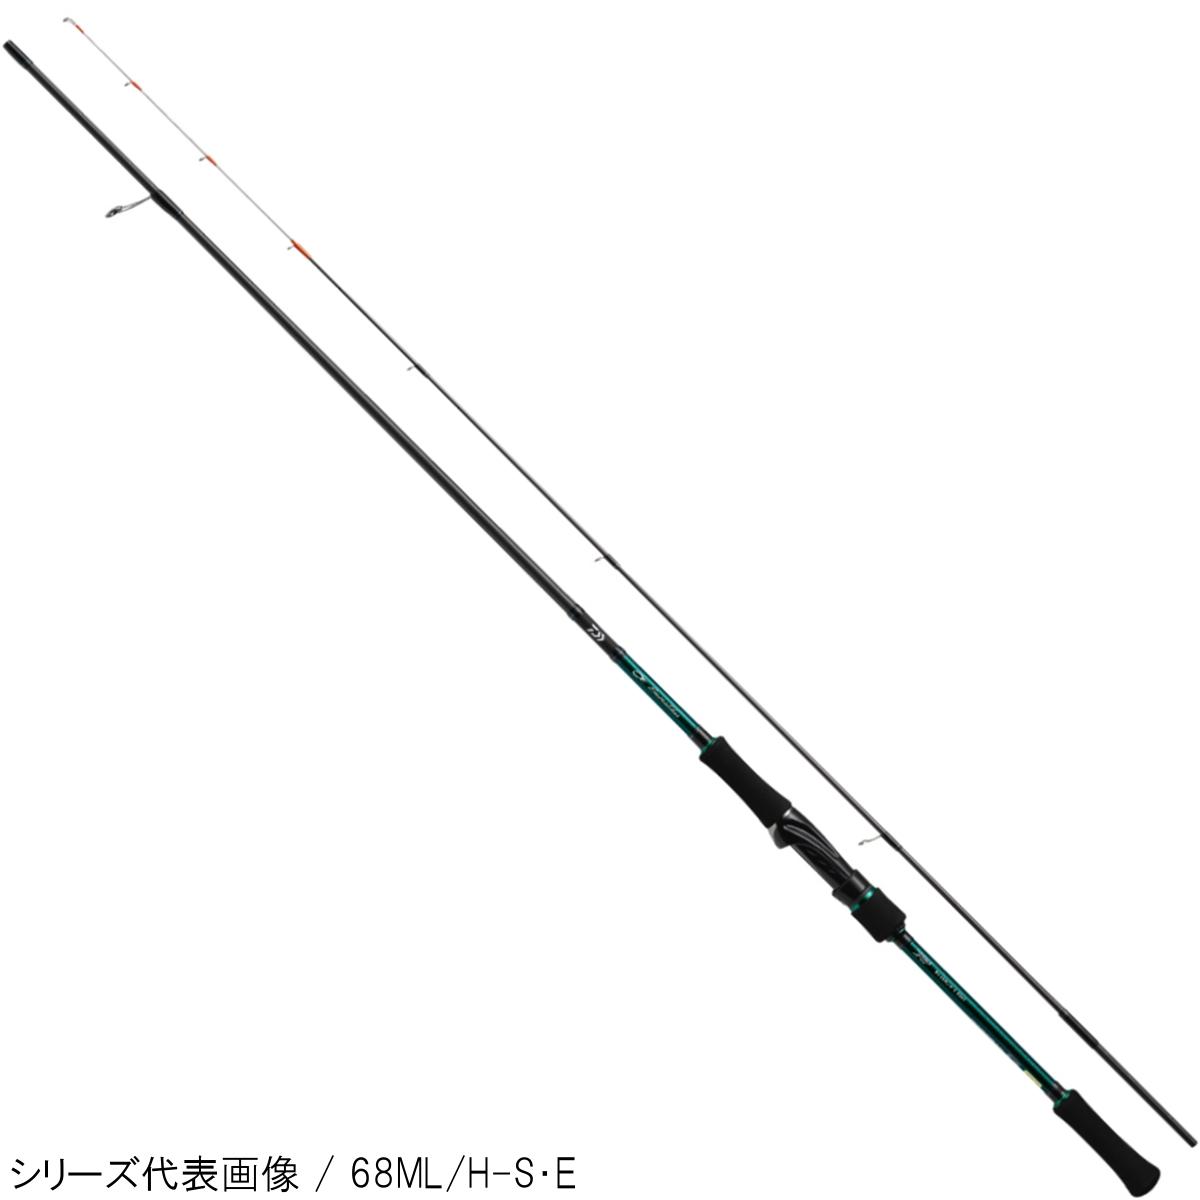 ダイワ エメラルダス MX BOAT 69M/XH-S・E【送料無料】